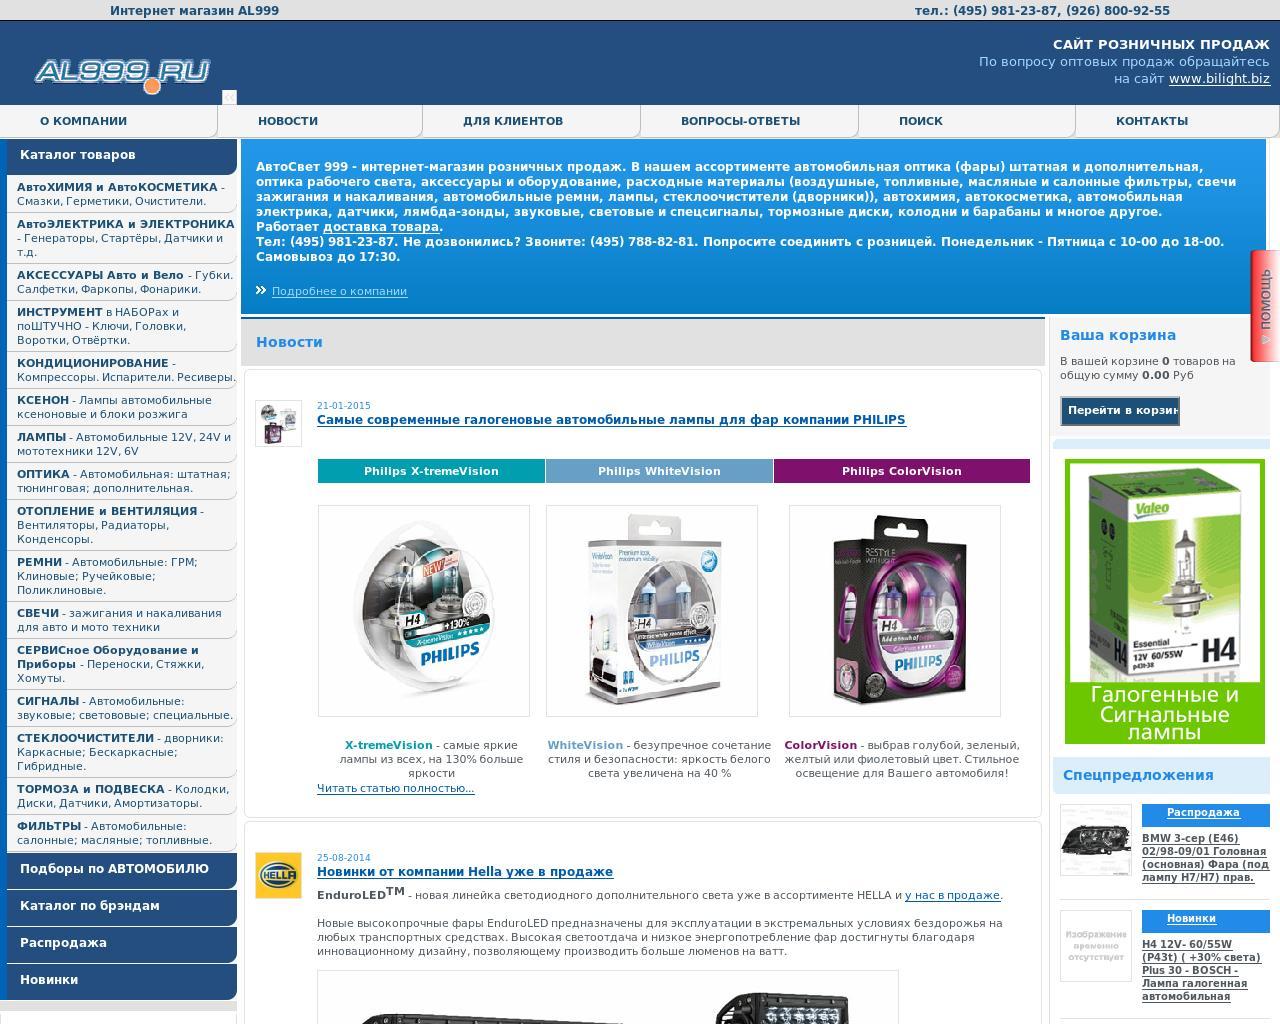 основные свойства автомобильная оптика интернет магазин идеальный вариант